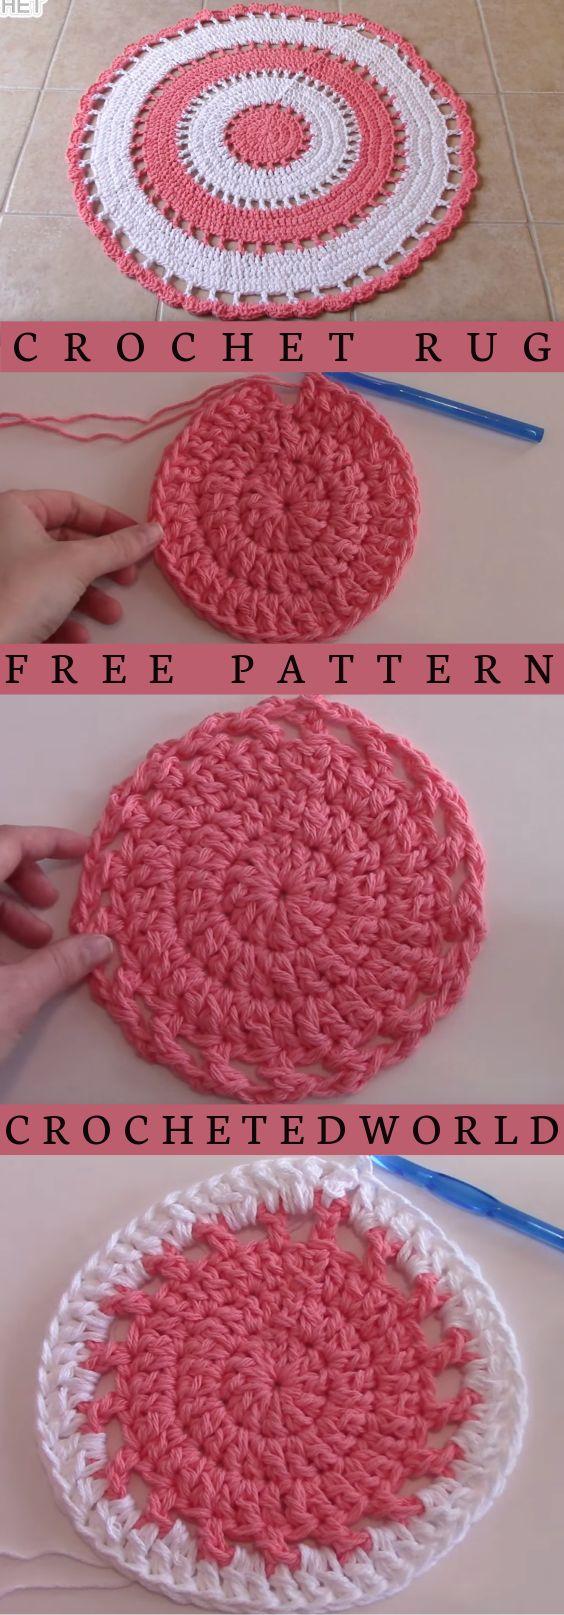 Tapis en tricot-crochet-crocheter-tuto-patron-Pinterest-Je suis une maman